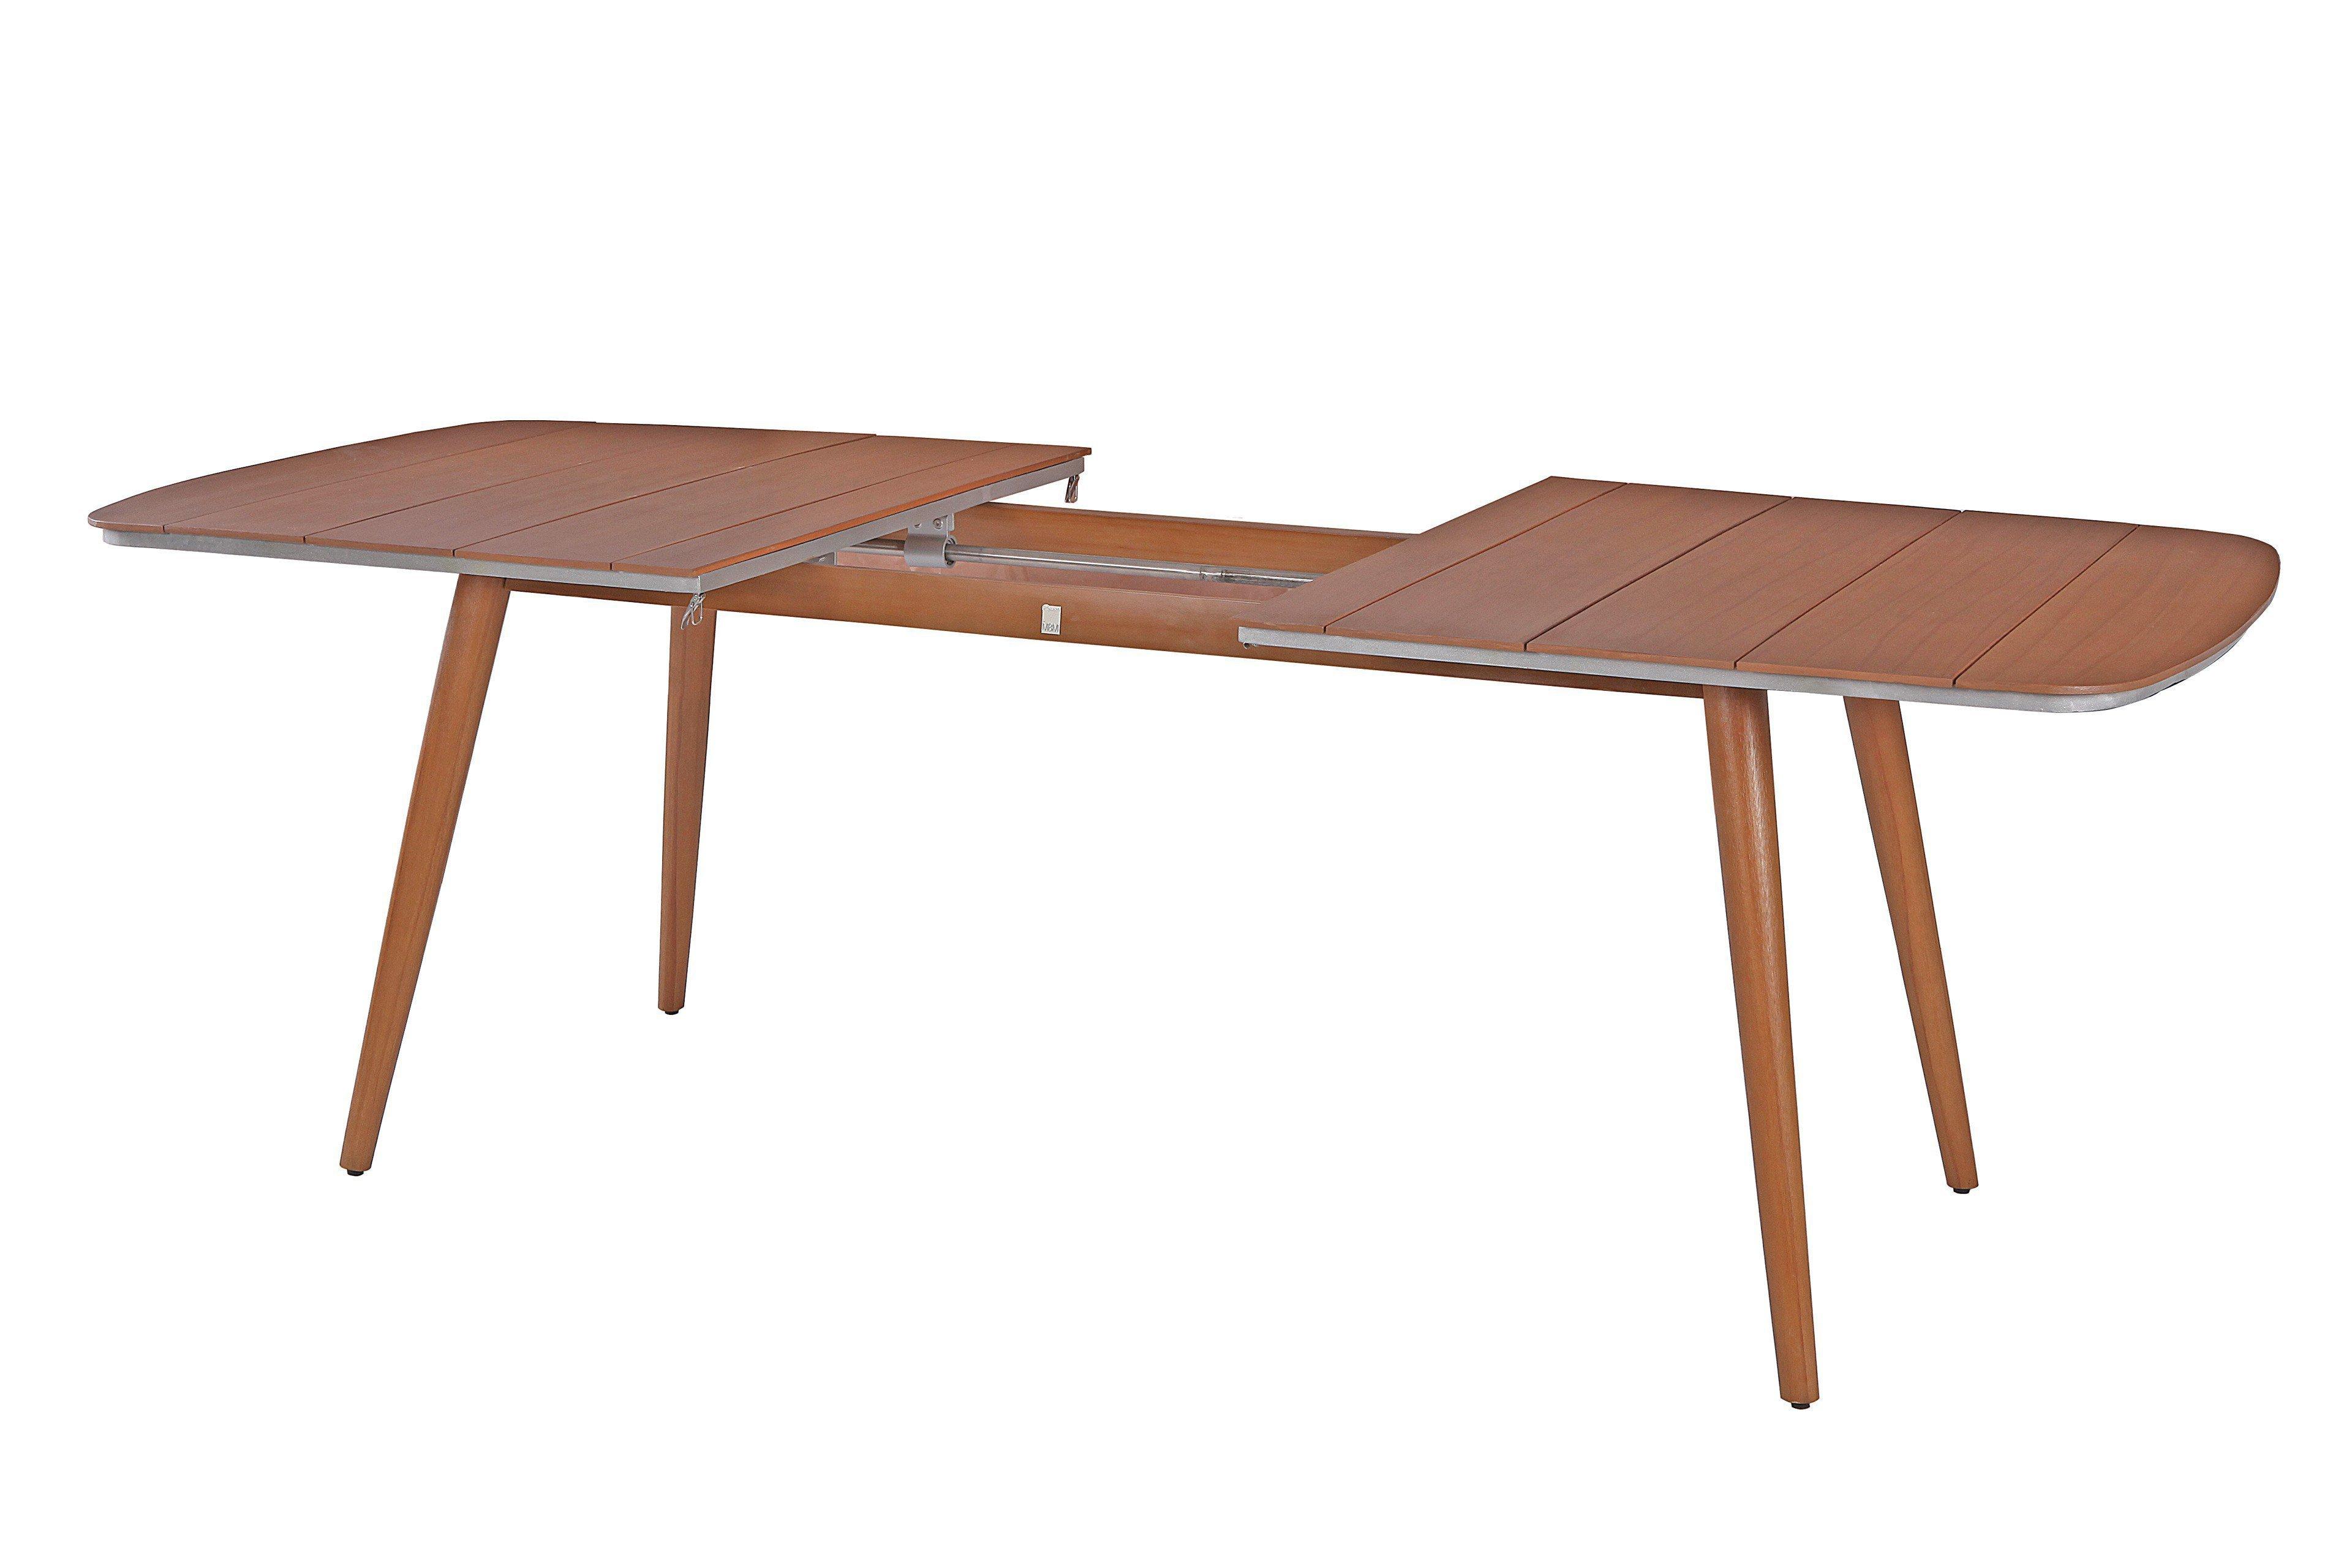 Gartentisch ausziehbar  MBM Gartentisch ausziehbar   Möbel Letz - Ihr Online-Shop